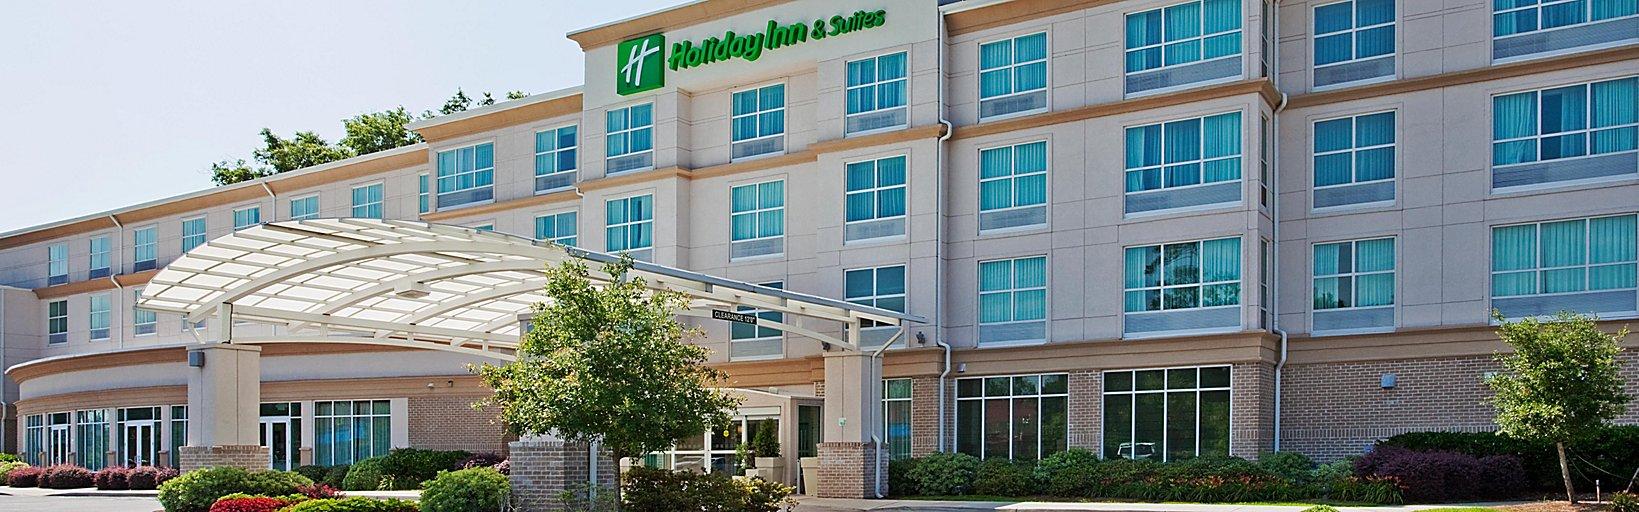 Holiday Inn Hotel & Suites Savannah Airport - Pooler Hotel